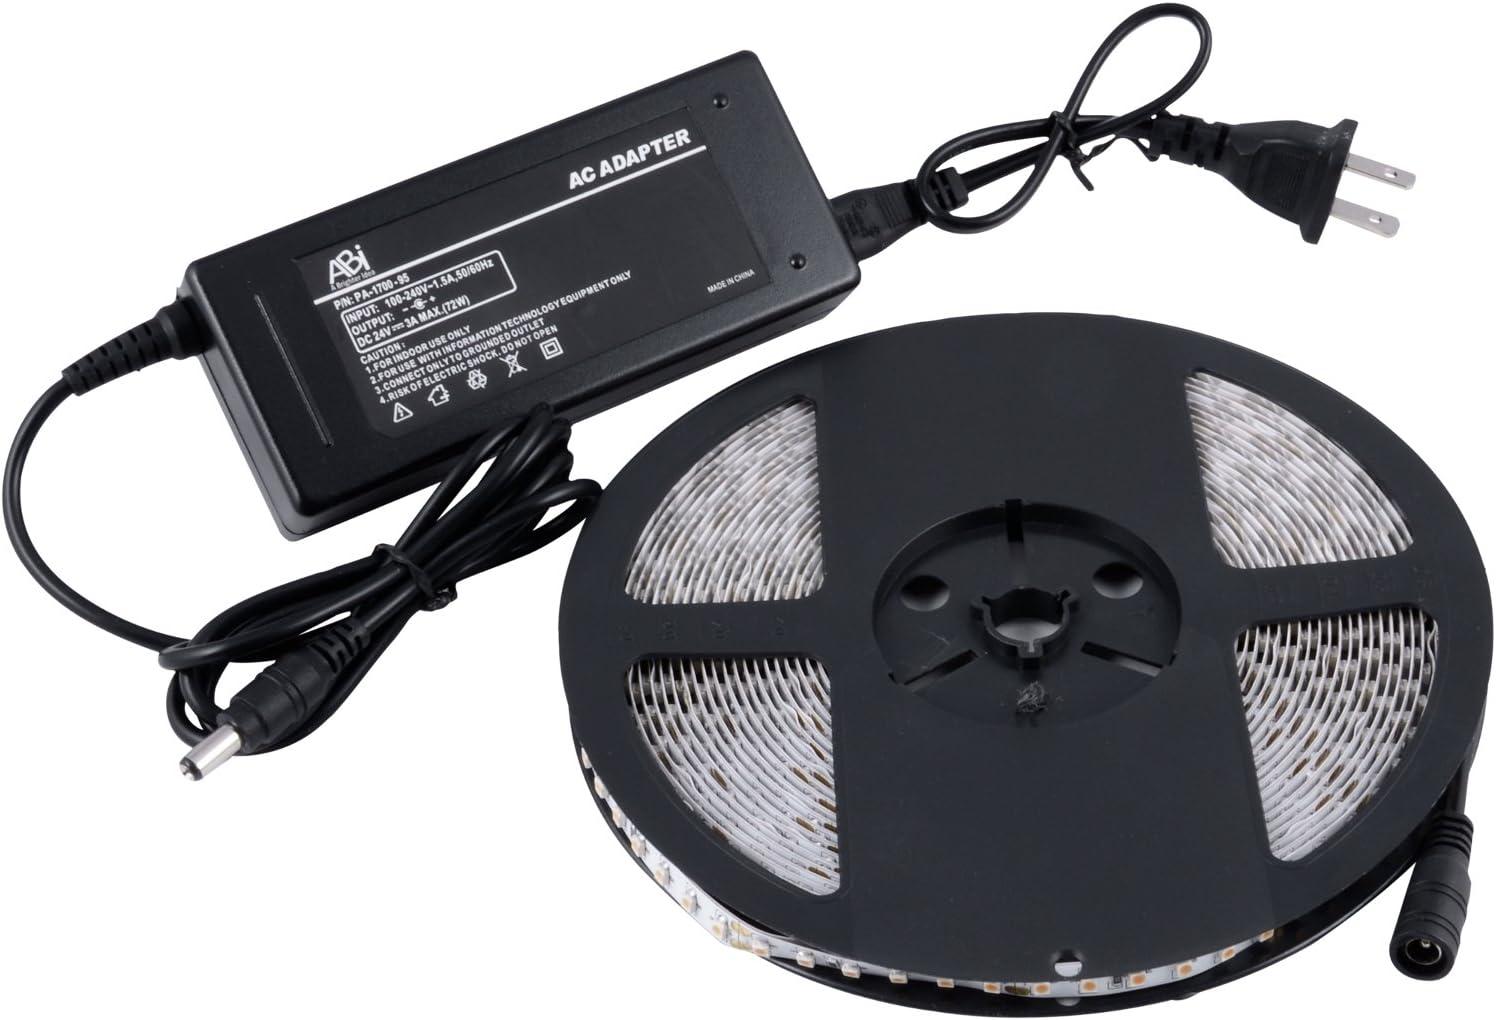 Cool White 6000K ABI 1200 LED Strip Light w// Adapter 10M Double Density 24V